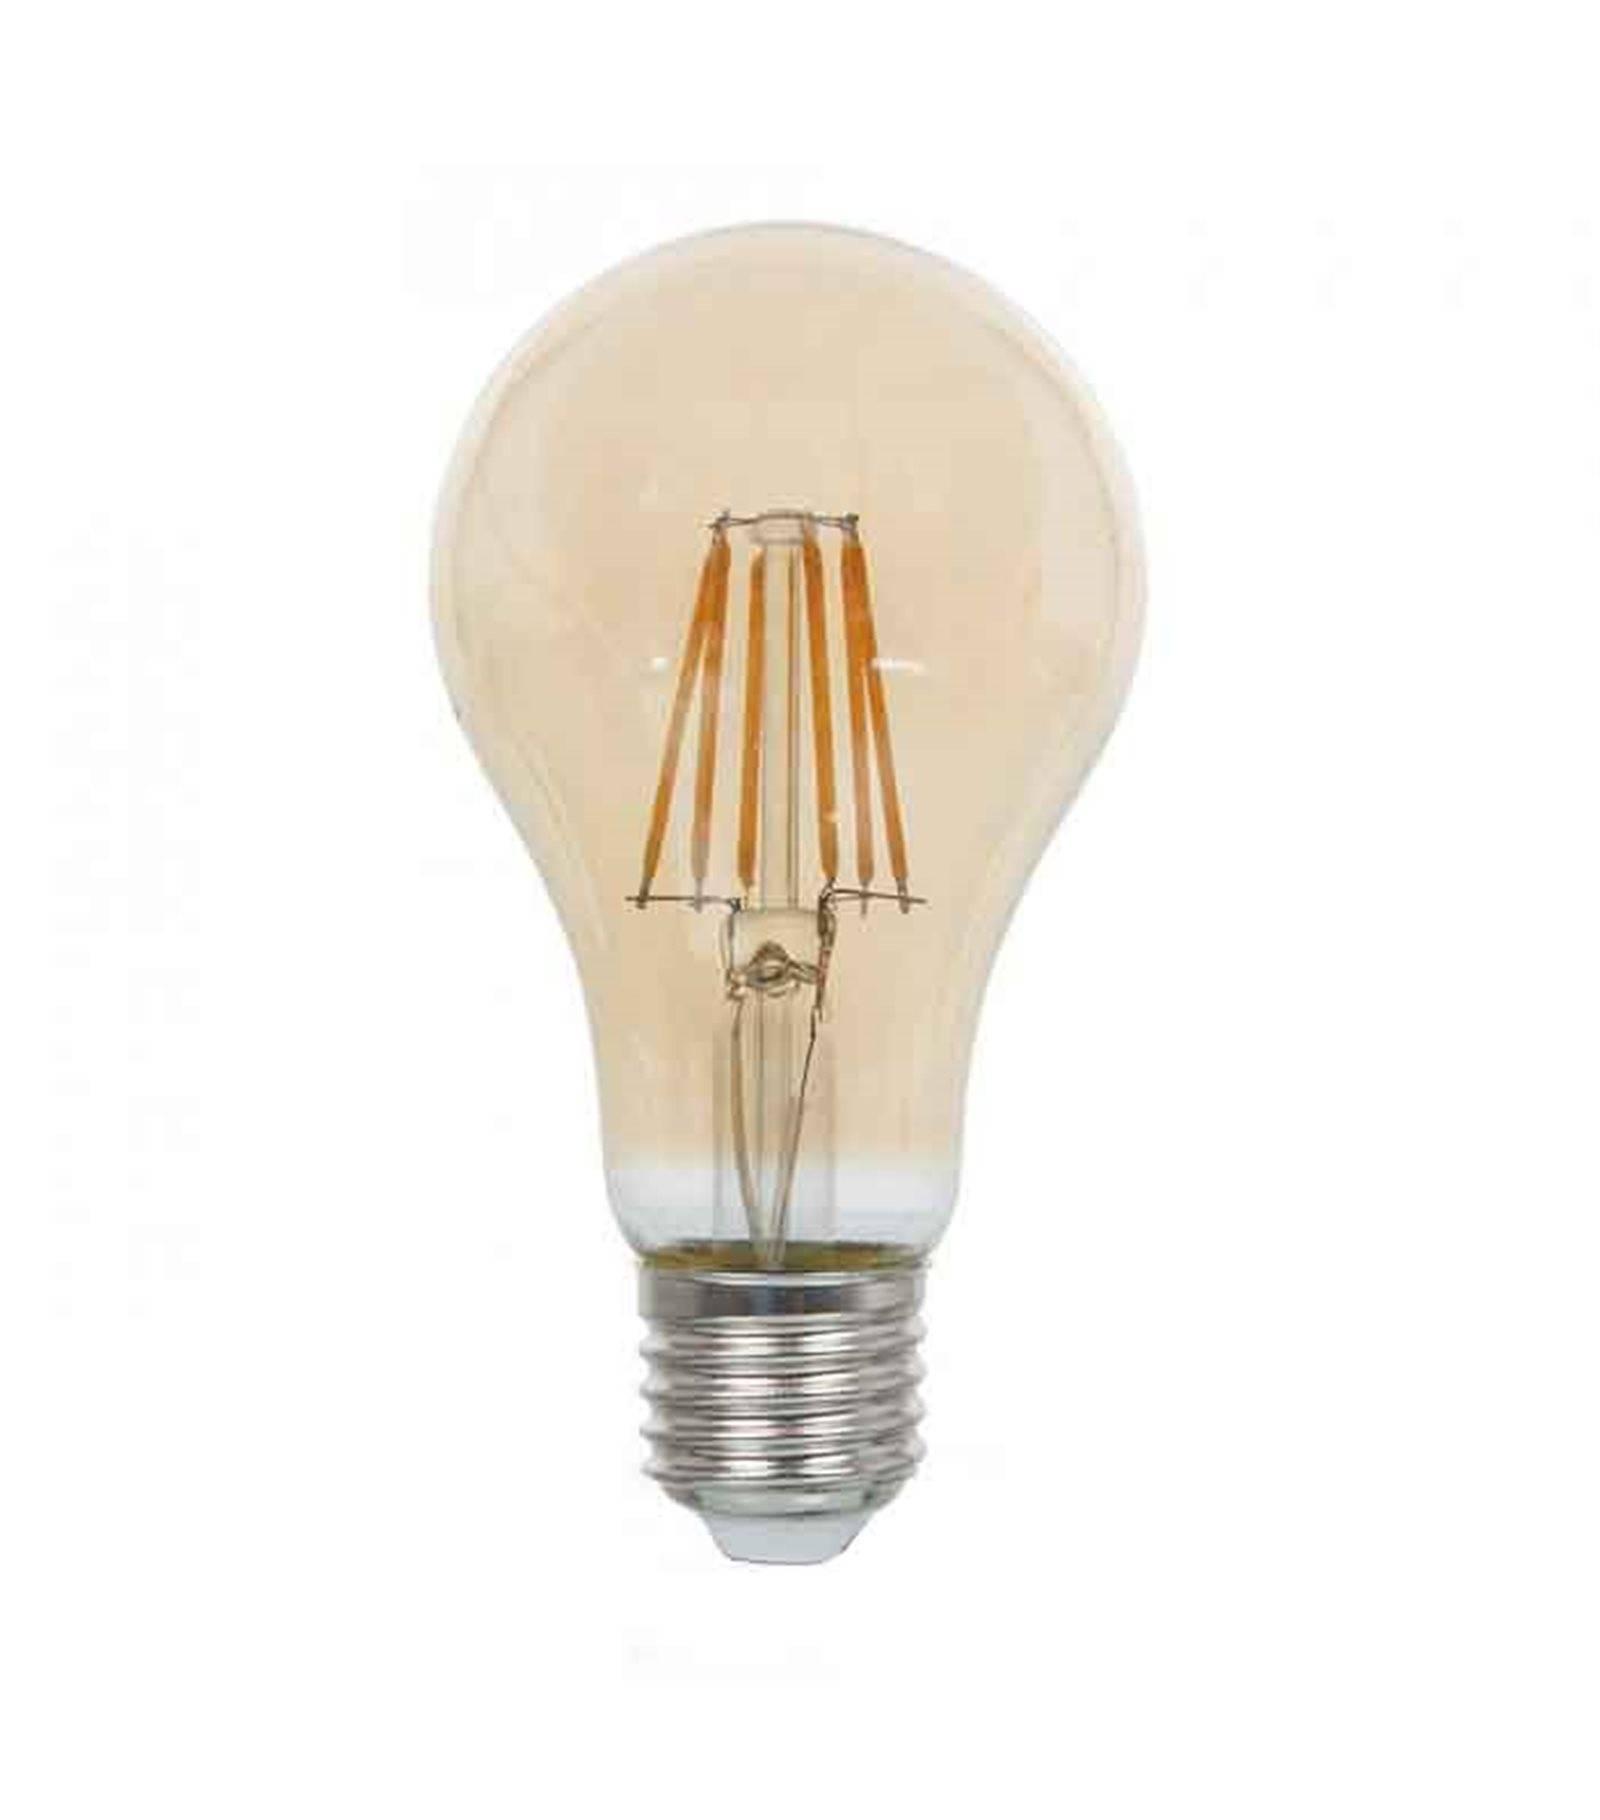 V-TAC Ampoule LED E27 A67 Filament COG 8W 720Lm (équiv 60W) Blanc très chaud 300° IP20 V-TAC - 1958